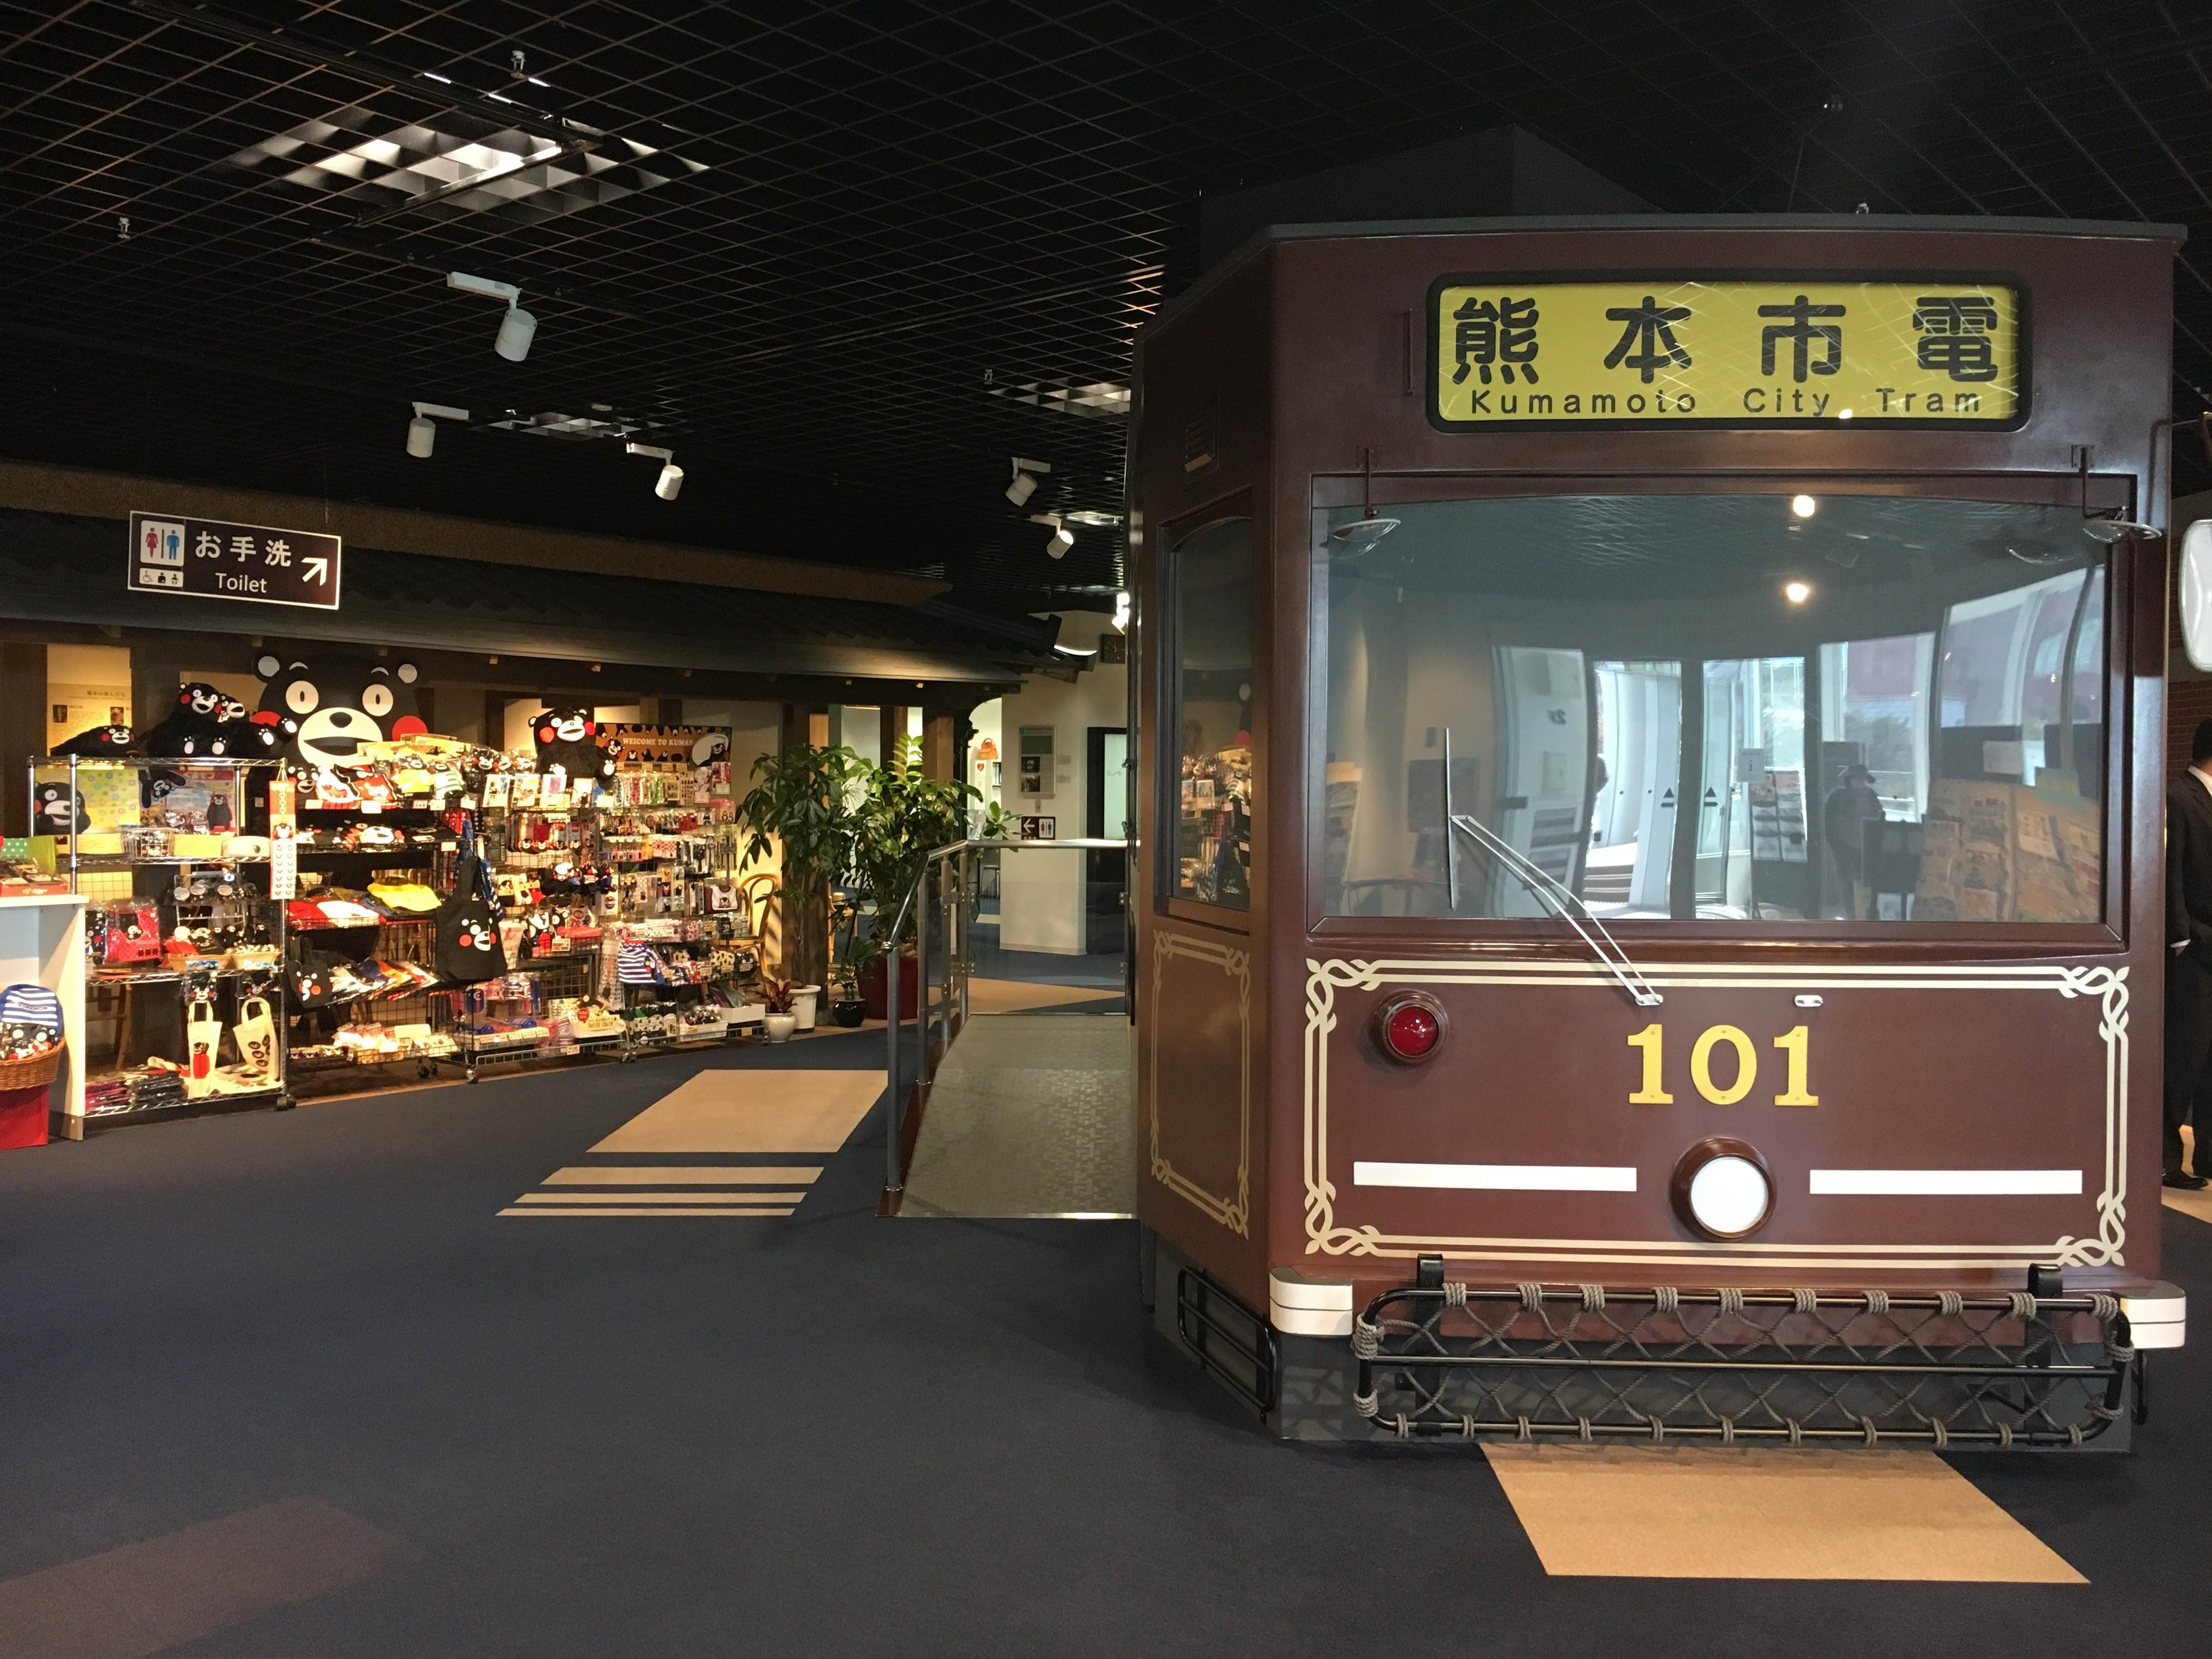 【くまもと森都心プラザ】実物大の市電を模擬運転&熊本のうんちくを学べるスポット【入場無料】